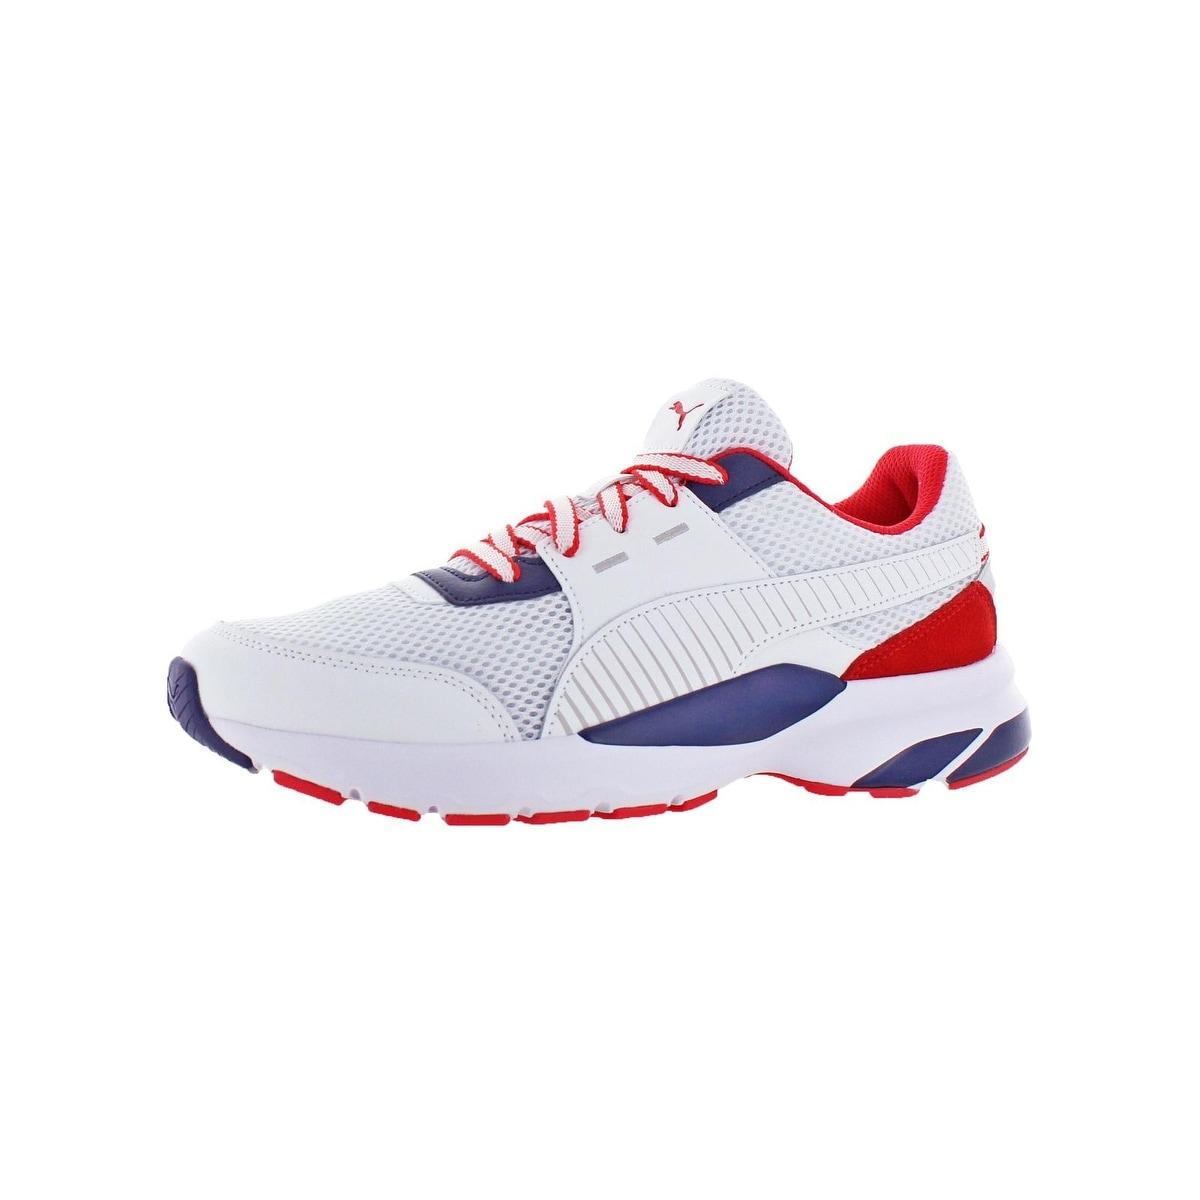 306f4dd7e87d Buy Size 9 Puma Men's Athletic Shoes Online at Overstock | Our Best Men's  Shoes Deals